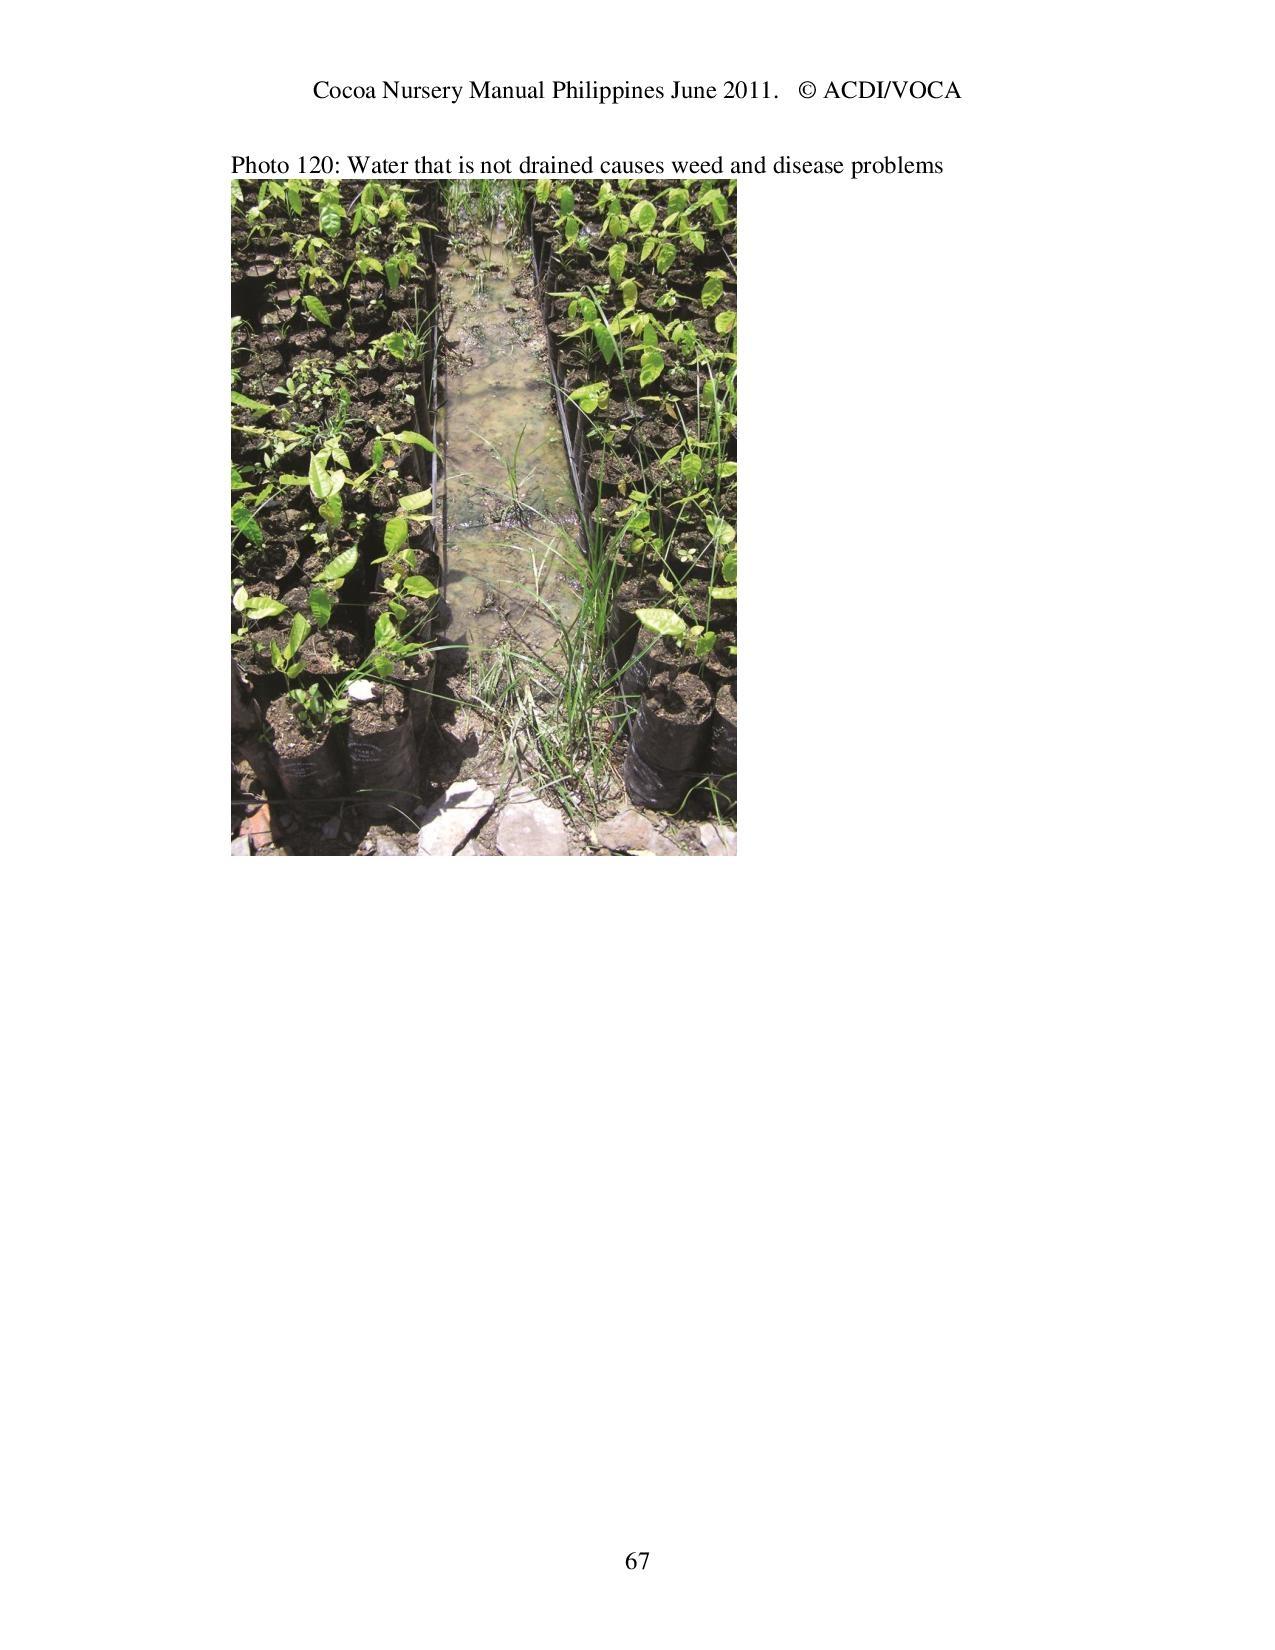 Cocoa-Nursery-Manual-2011_acdi-voca-page-067